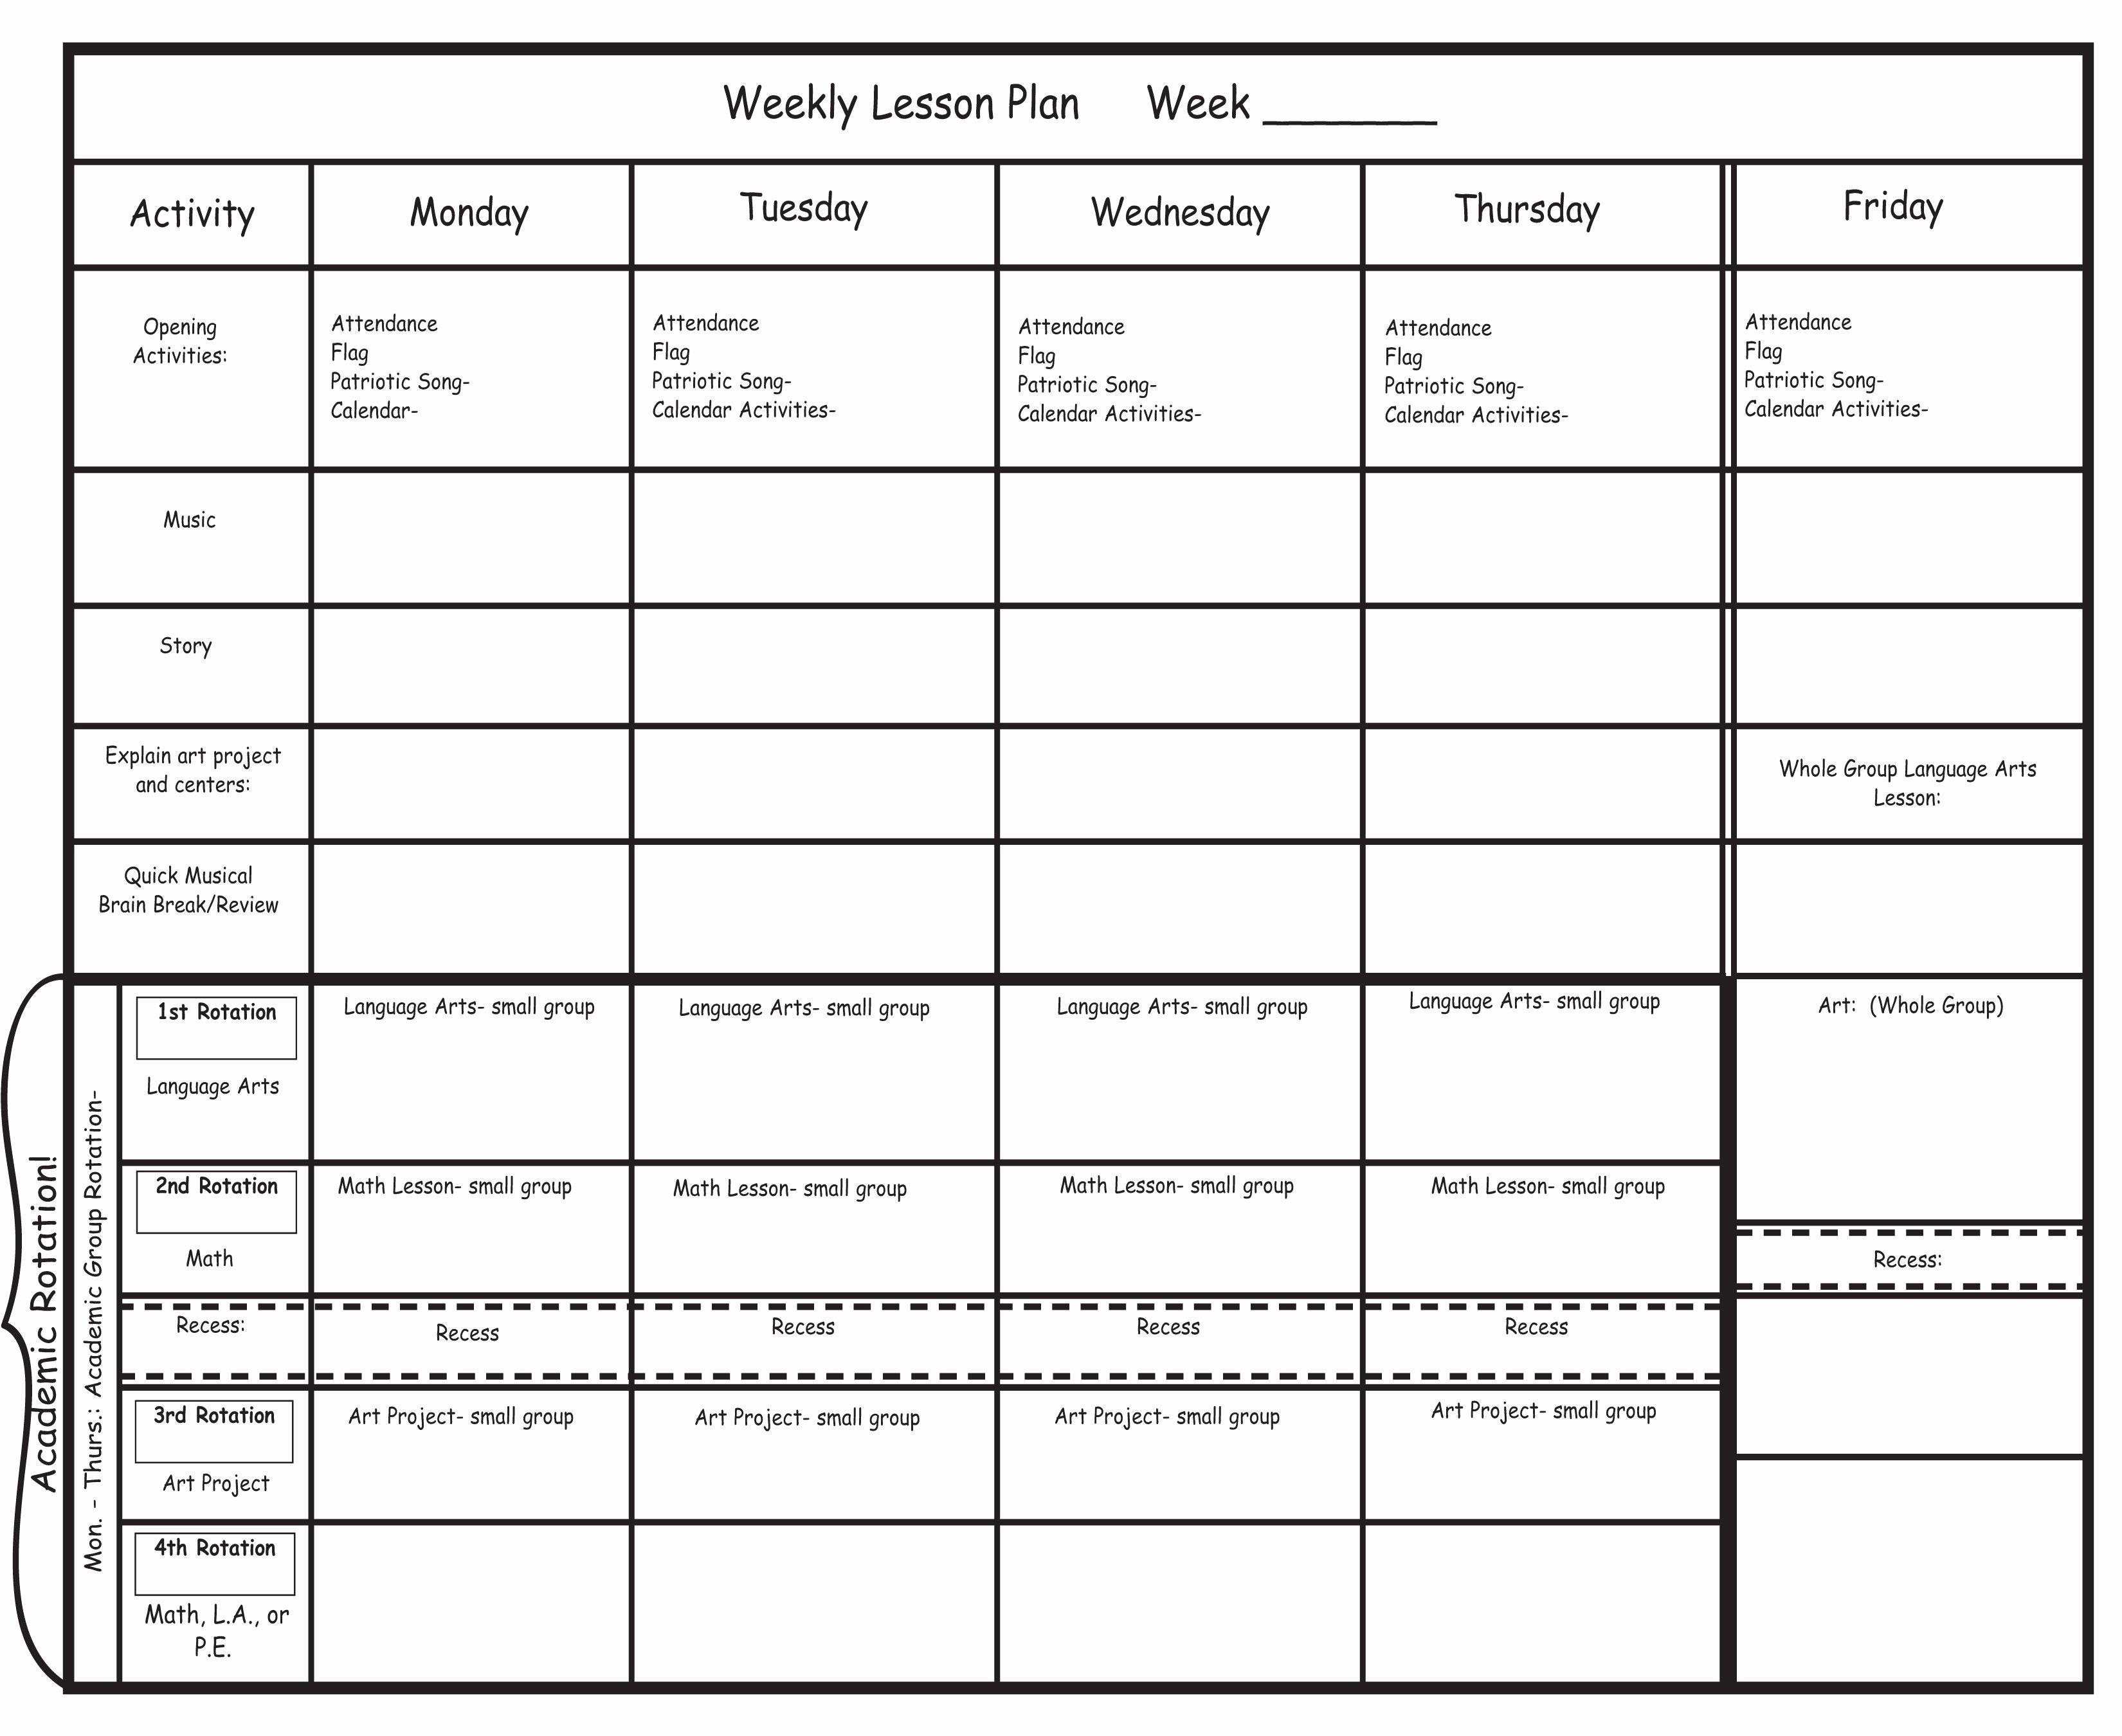 Lesson Plan Templates for Kindergarten Elegant Blank Preschool Lesson Plan Template Pdfkindergarten